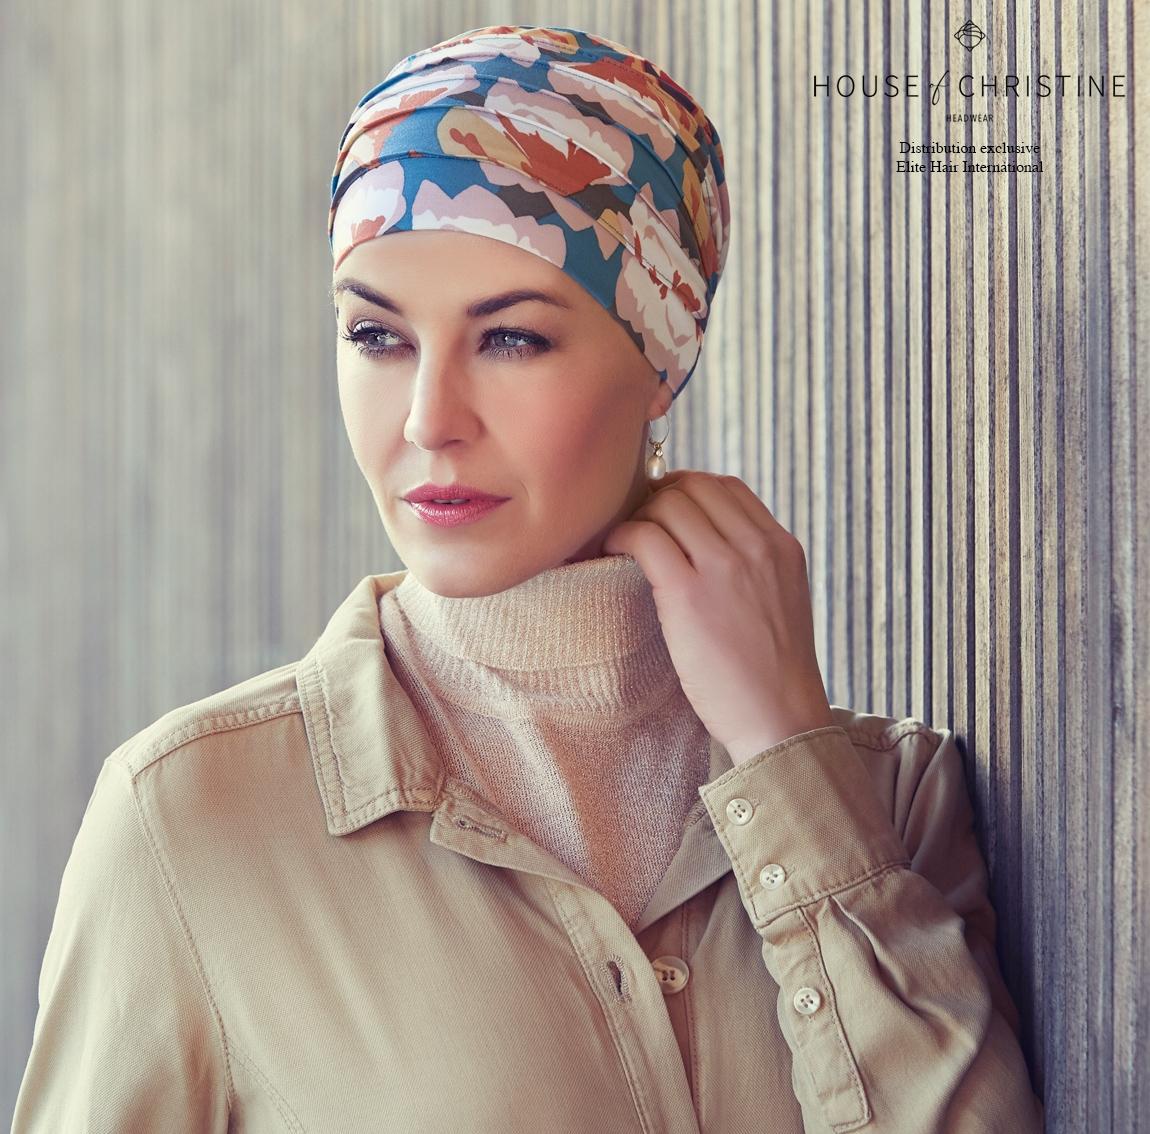 Bonnet chimio, bonnet zen bambou, storia, Christine Headwear